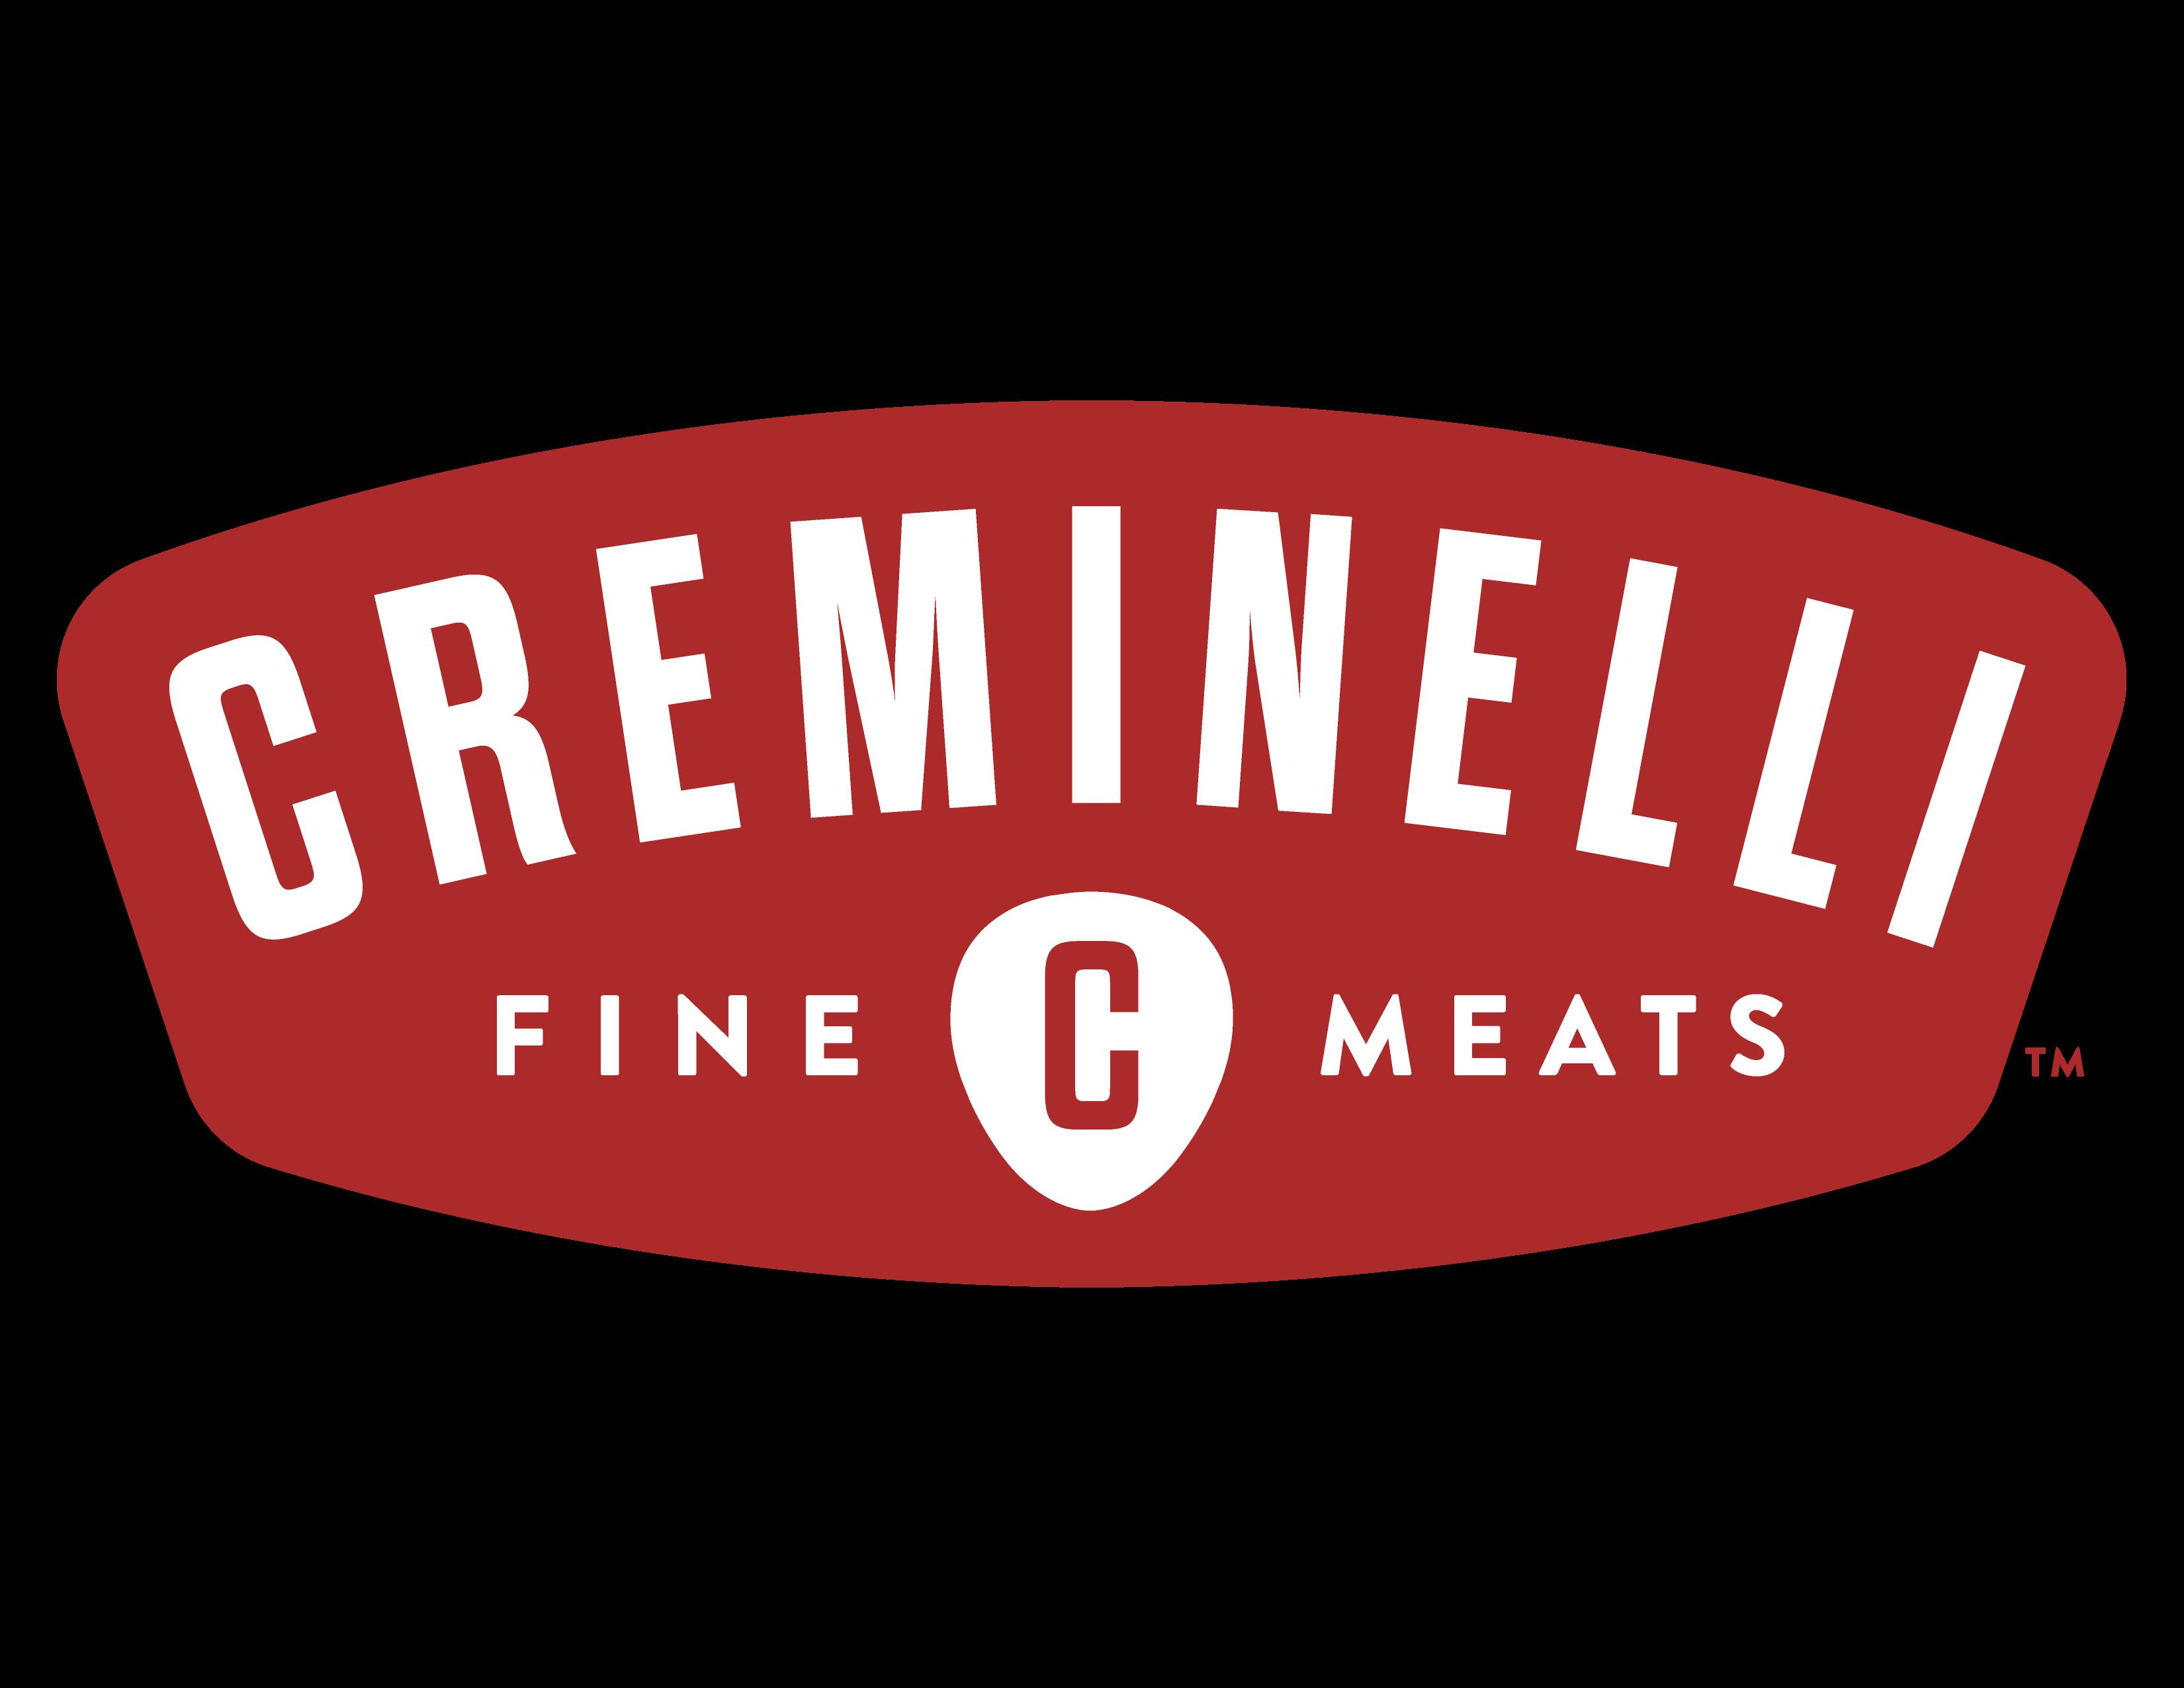 Creminelli